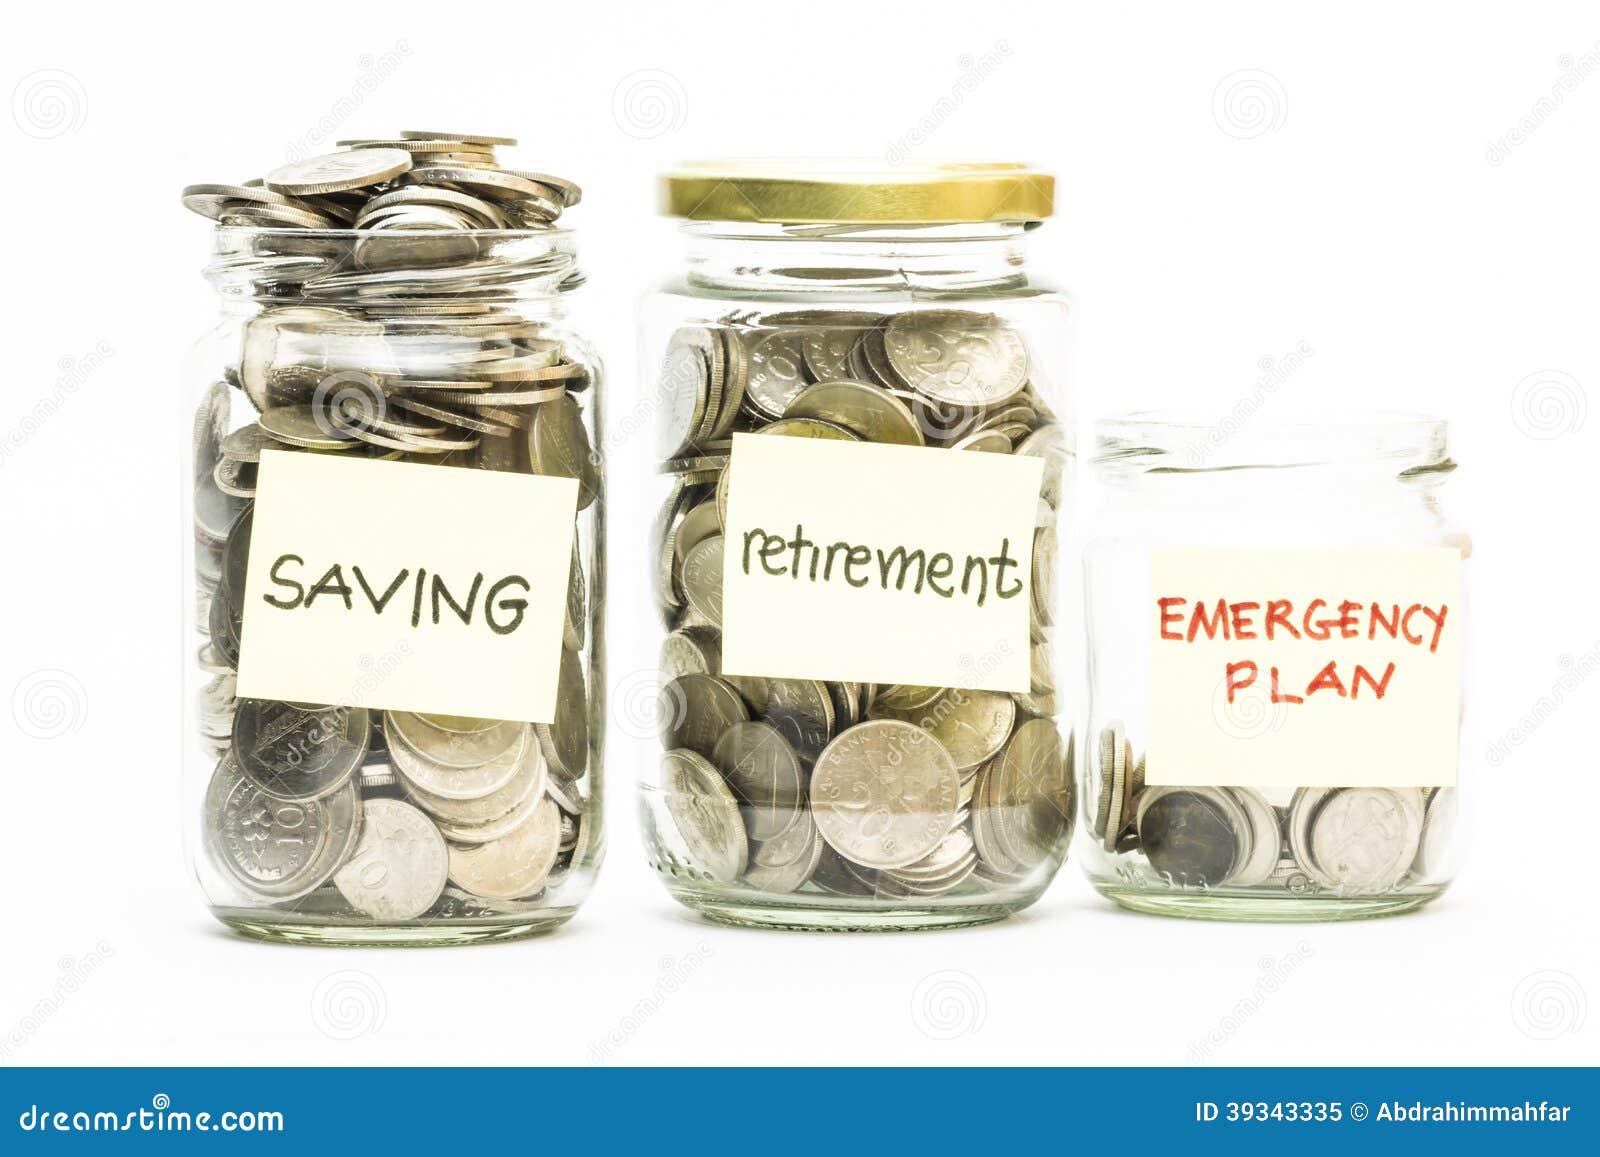 Geïsoleerde muntstukken in kruik met besparing, pensionerings en rampenplanetiket